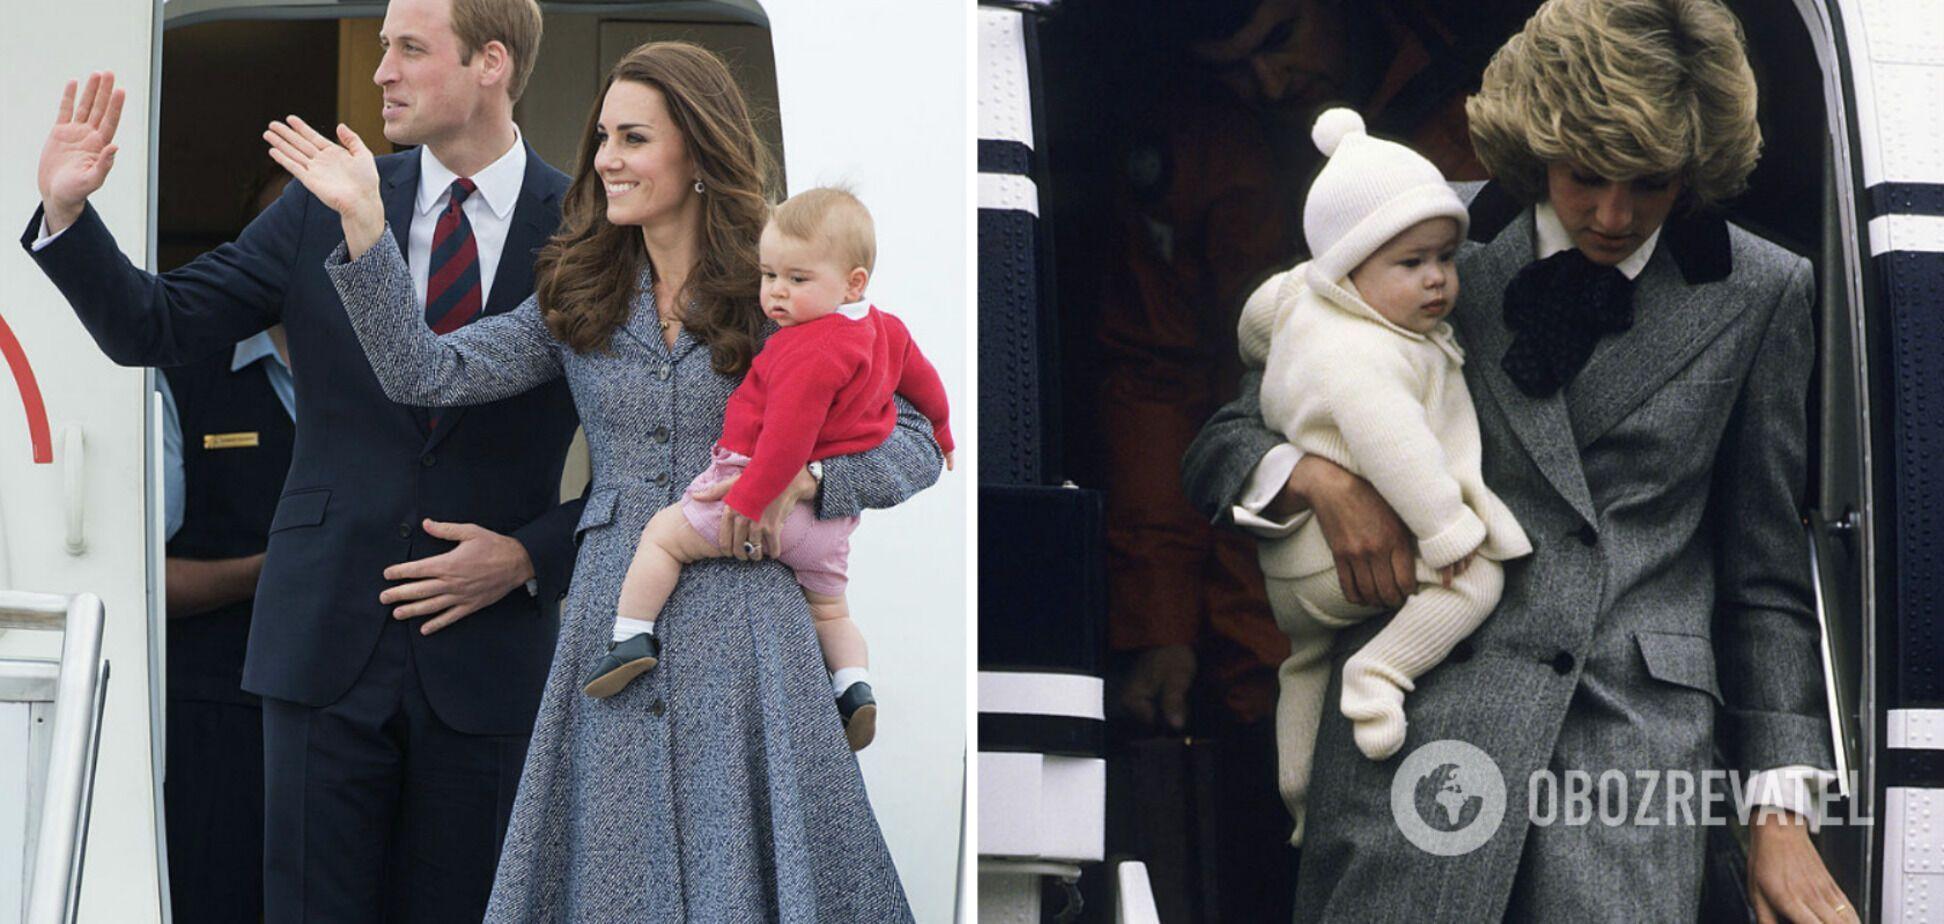 Кейт Міддлтон і принцеса Діана виходять з літака з синами на руках